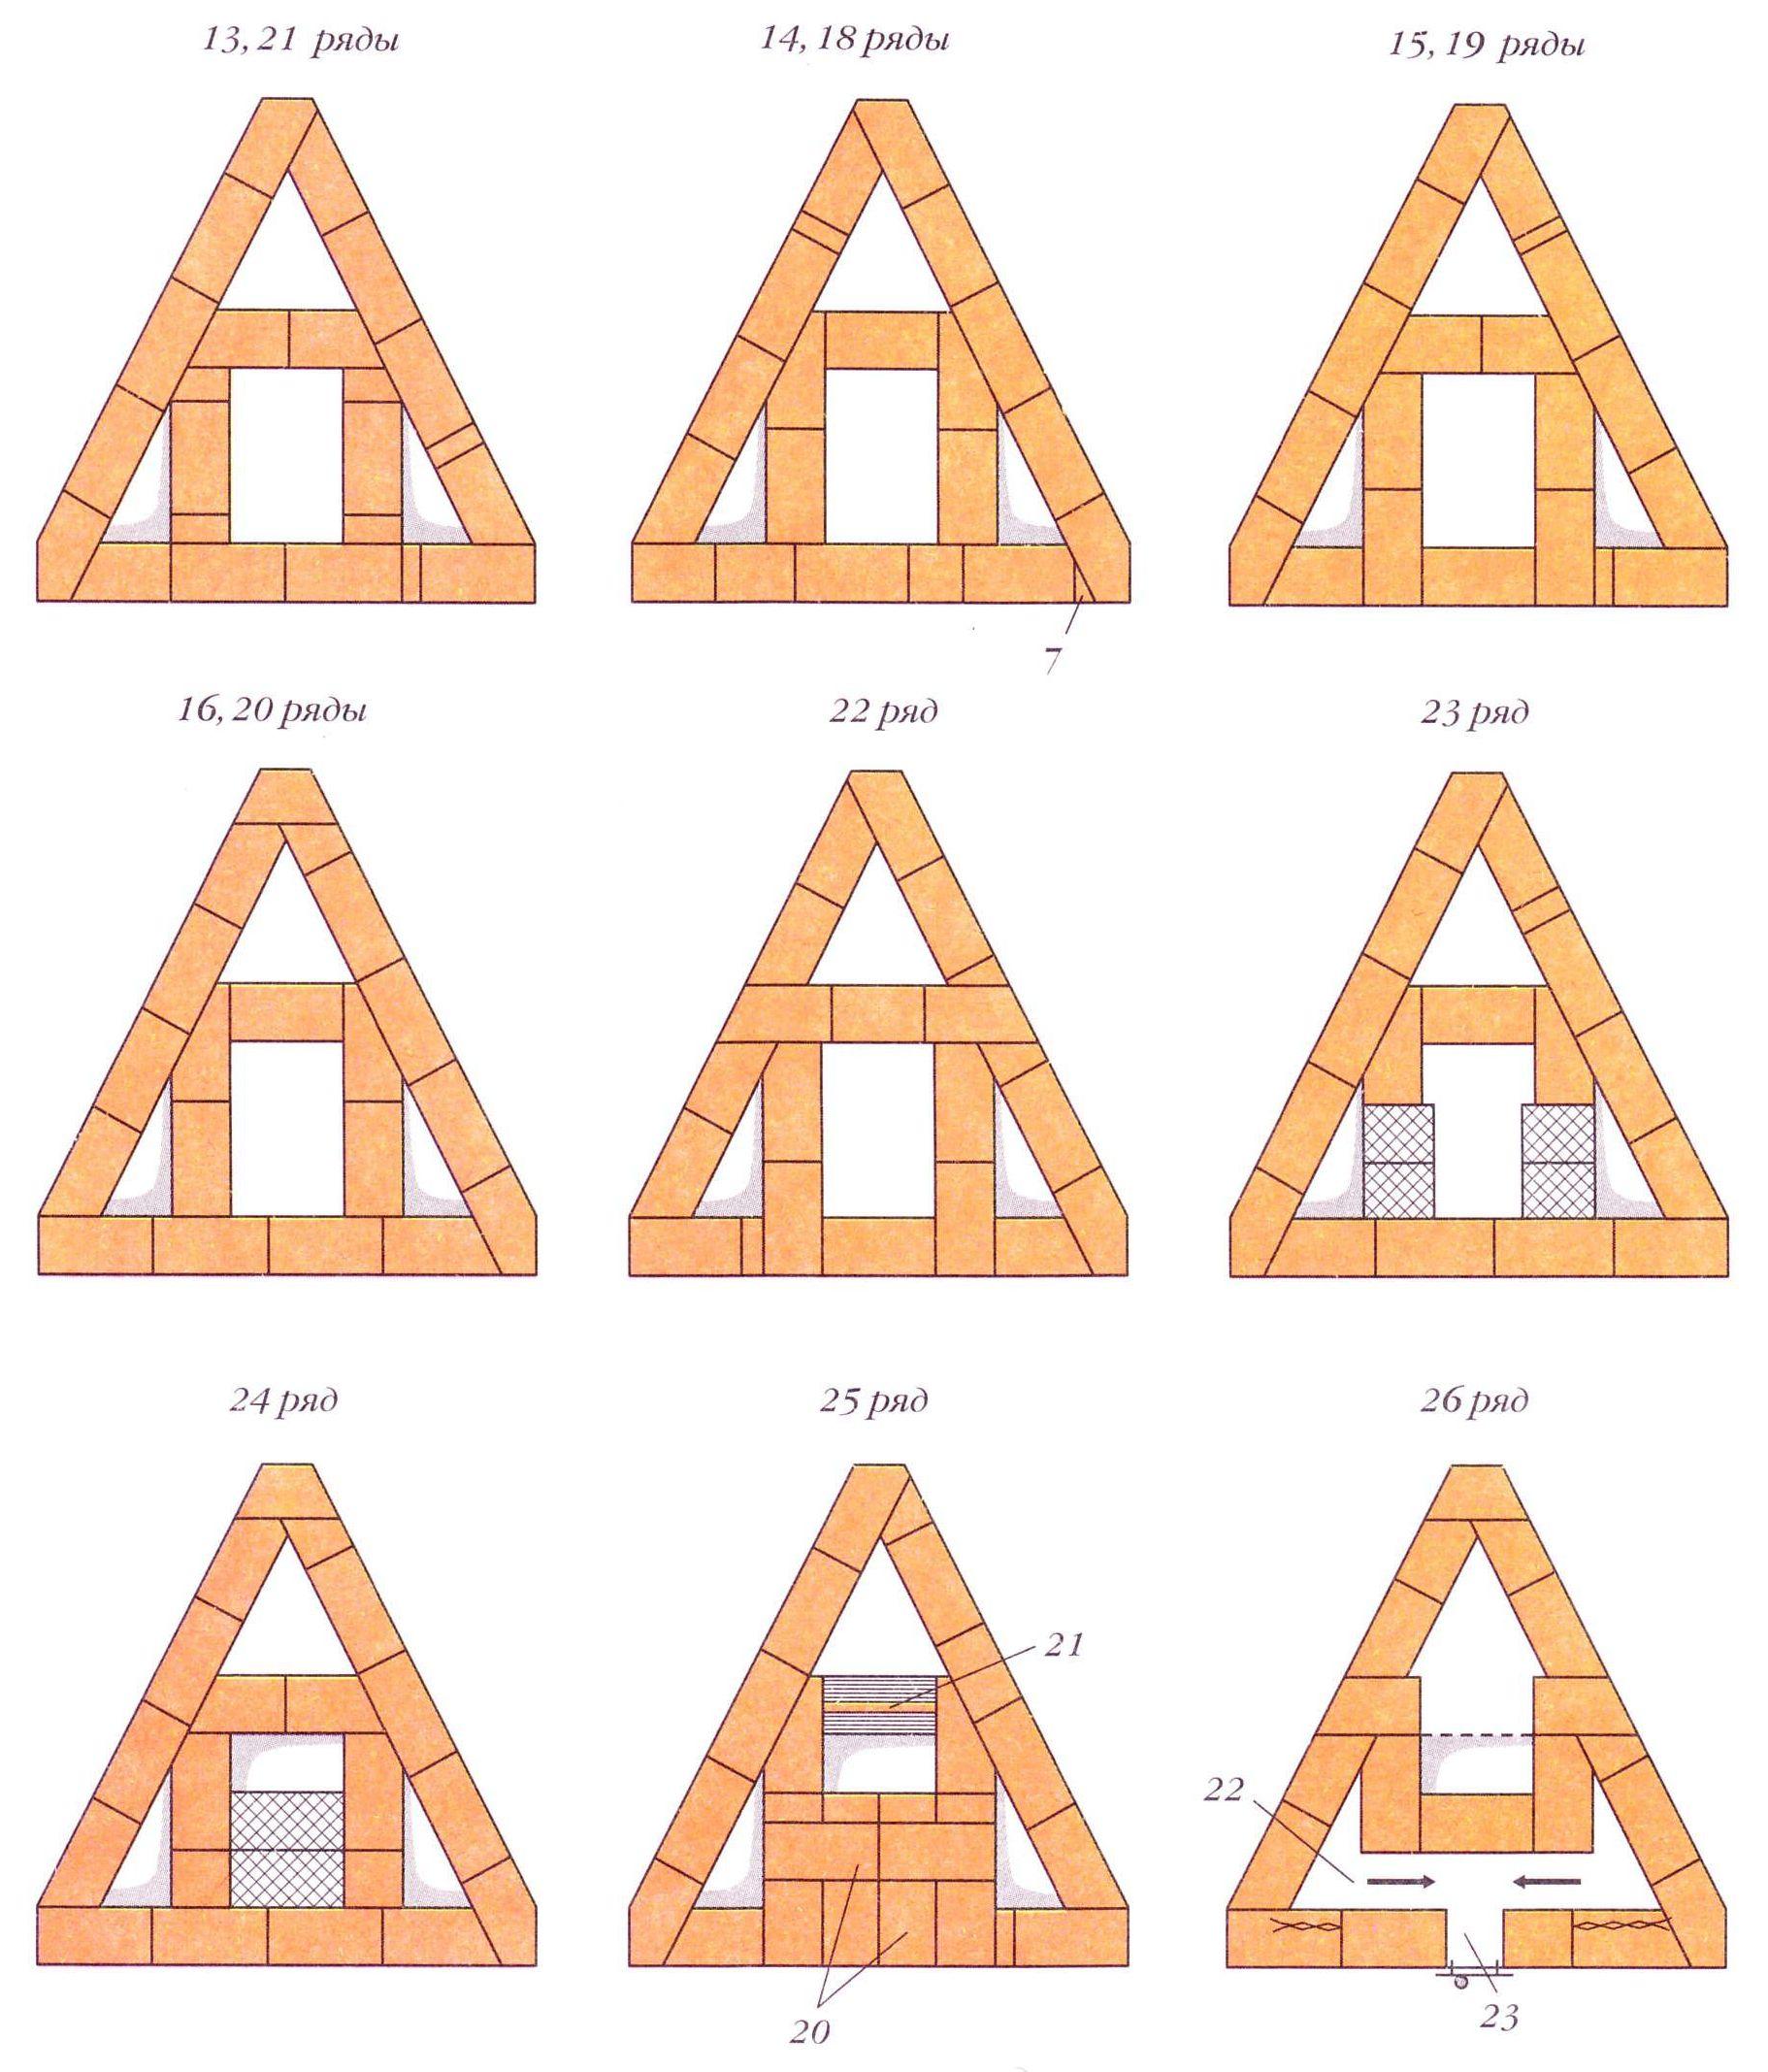 Треугольная печь. Порядовки (ряды 13-16, 18-26)